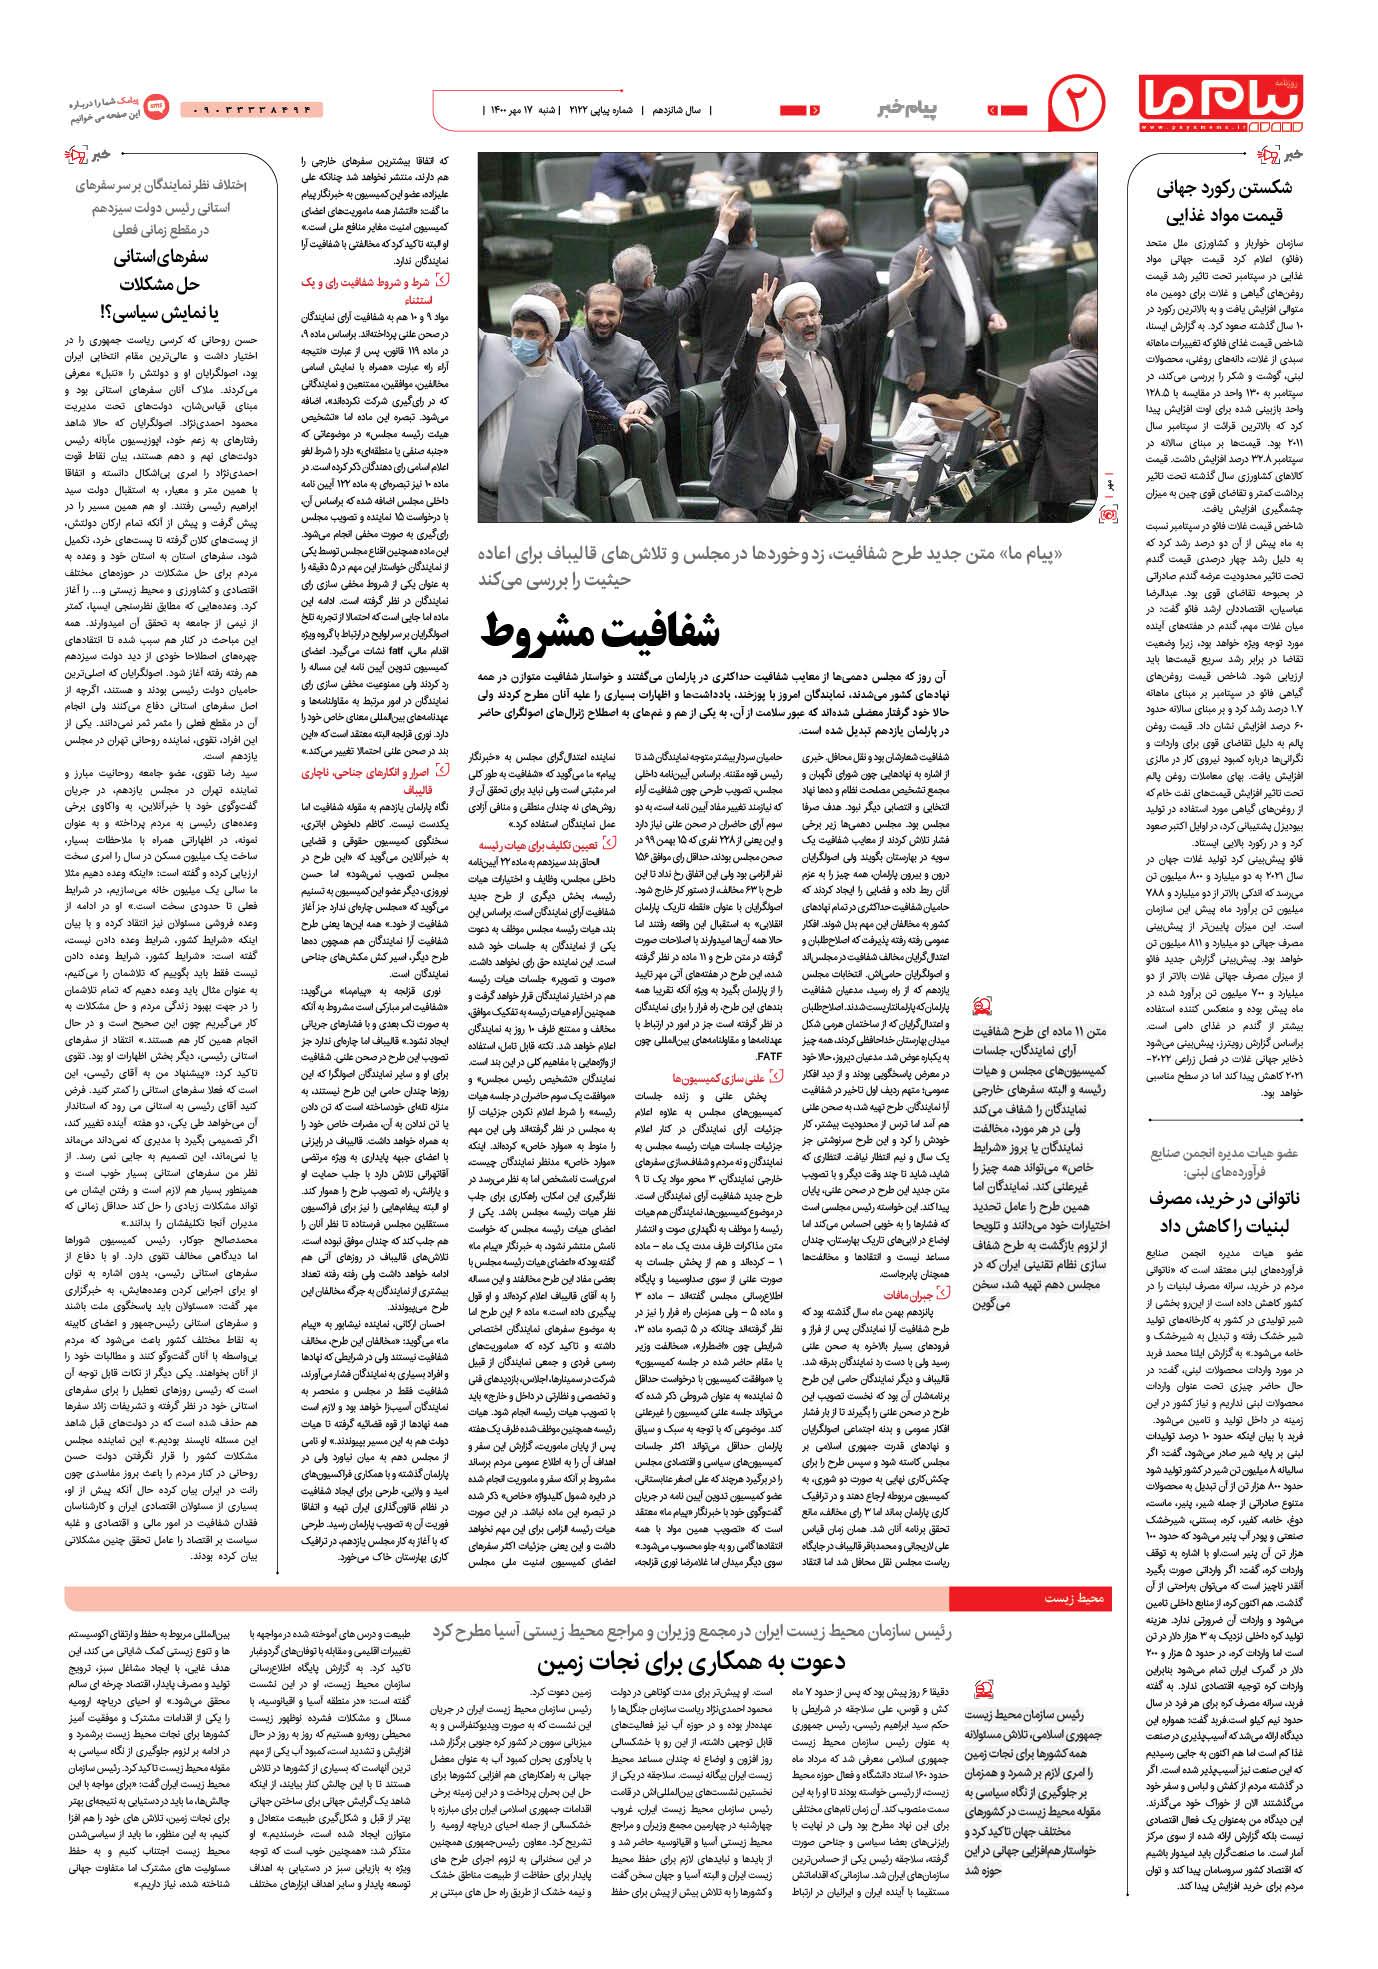 صفحه پیام خبر شماره 2122 روزنامه پیام ما